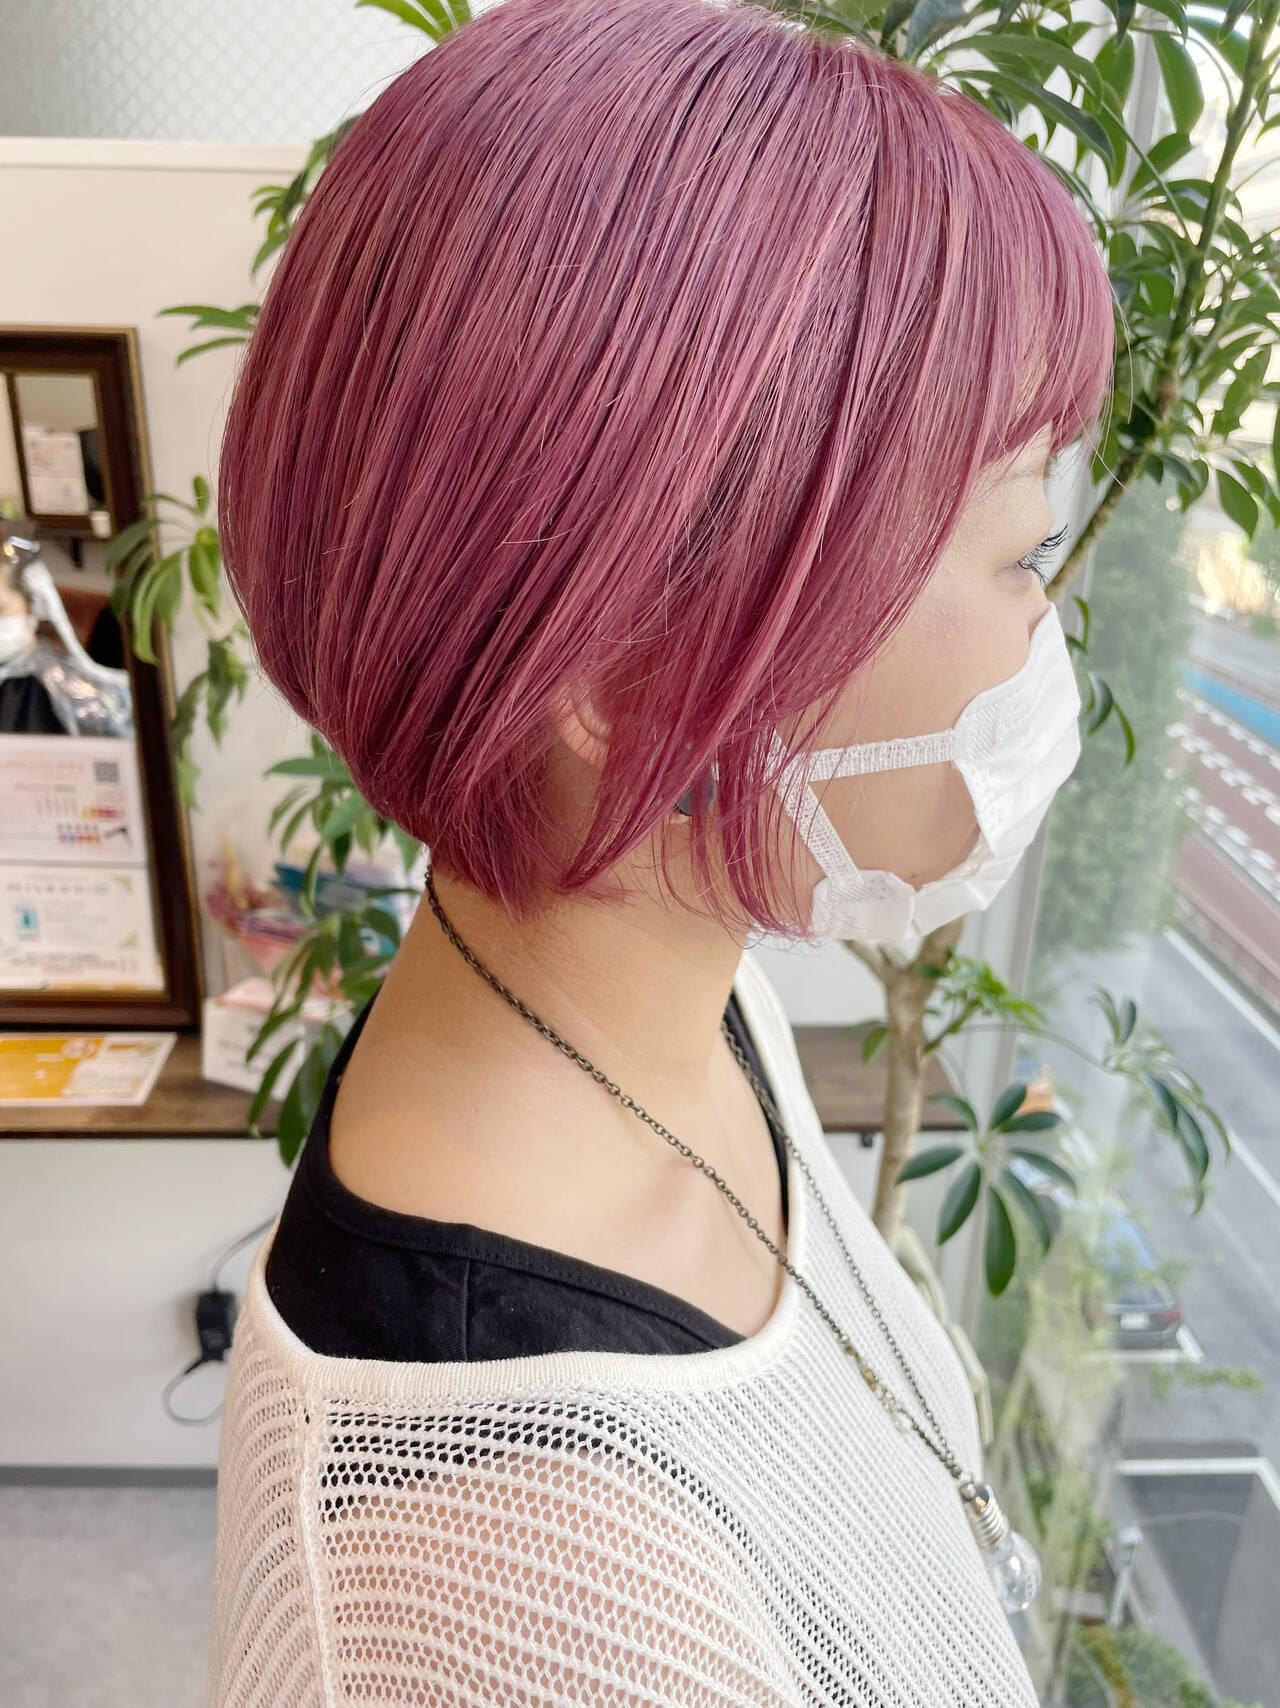 韓国ヘア 韓国風ヘアー ショート ショートボブヘアスタイルや髪型の写真・画像